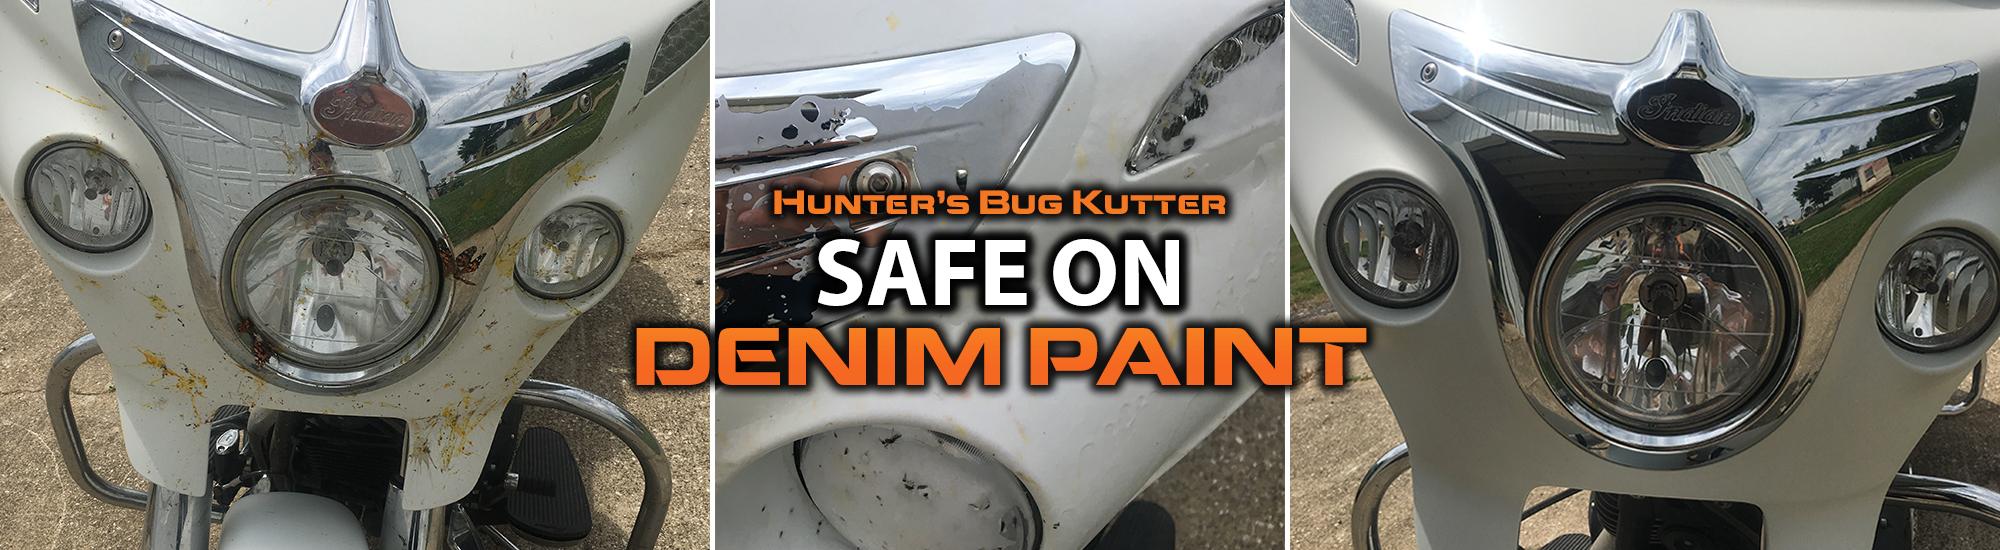 Hunter's Bug Kutter is safe on denim paint!